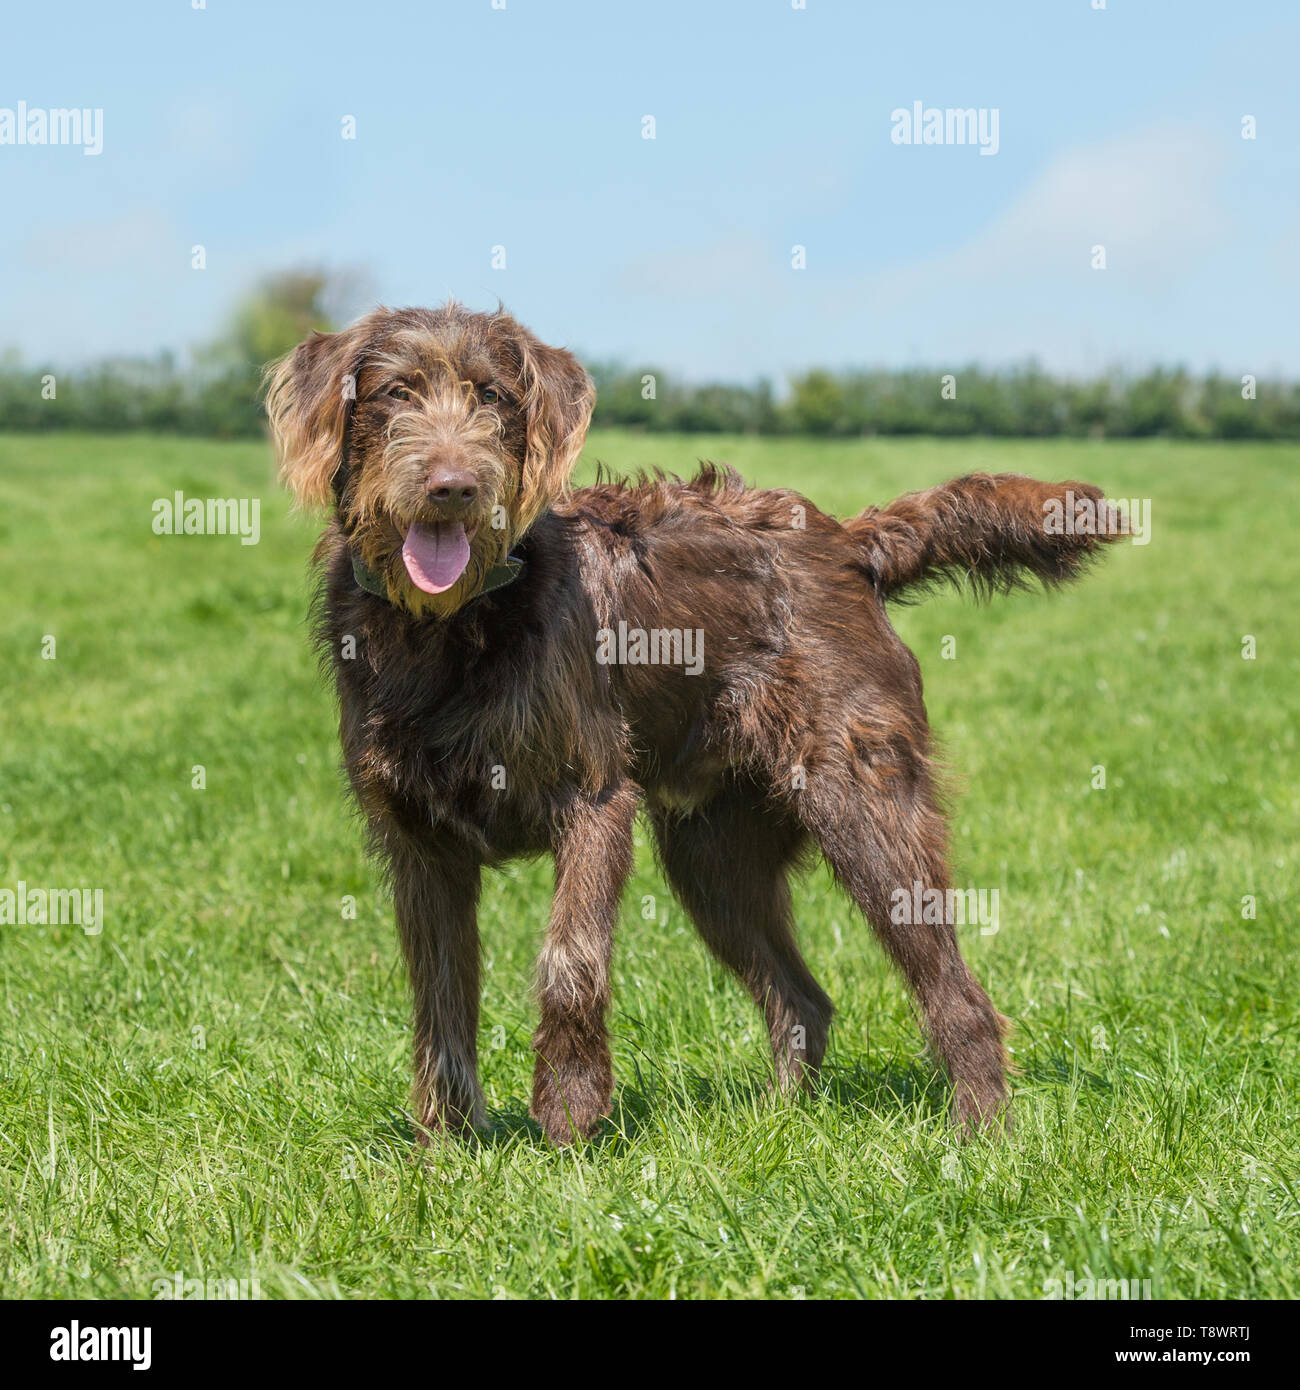 Labradoodle dog - Stock Image